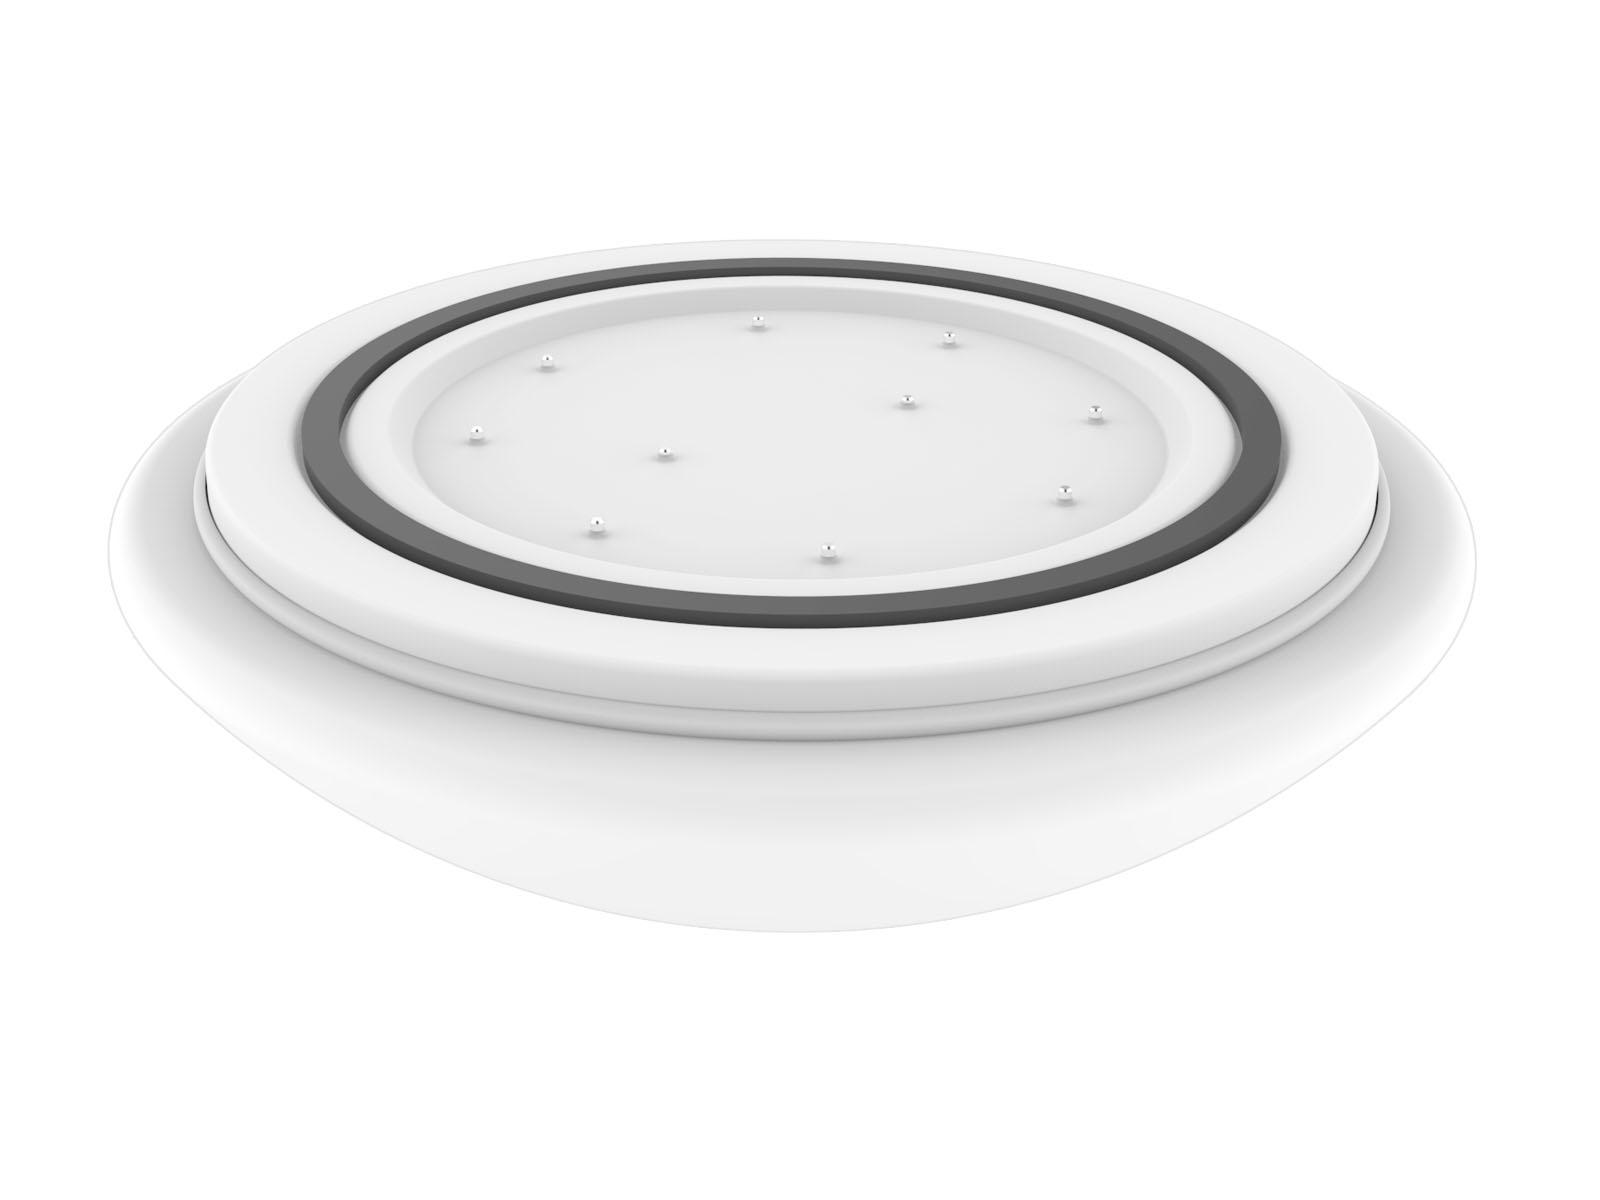 Al02 a led ceiling light upshine lighting dimmable al02a 3 led ceiling light panel review aloadofball Images